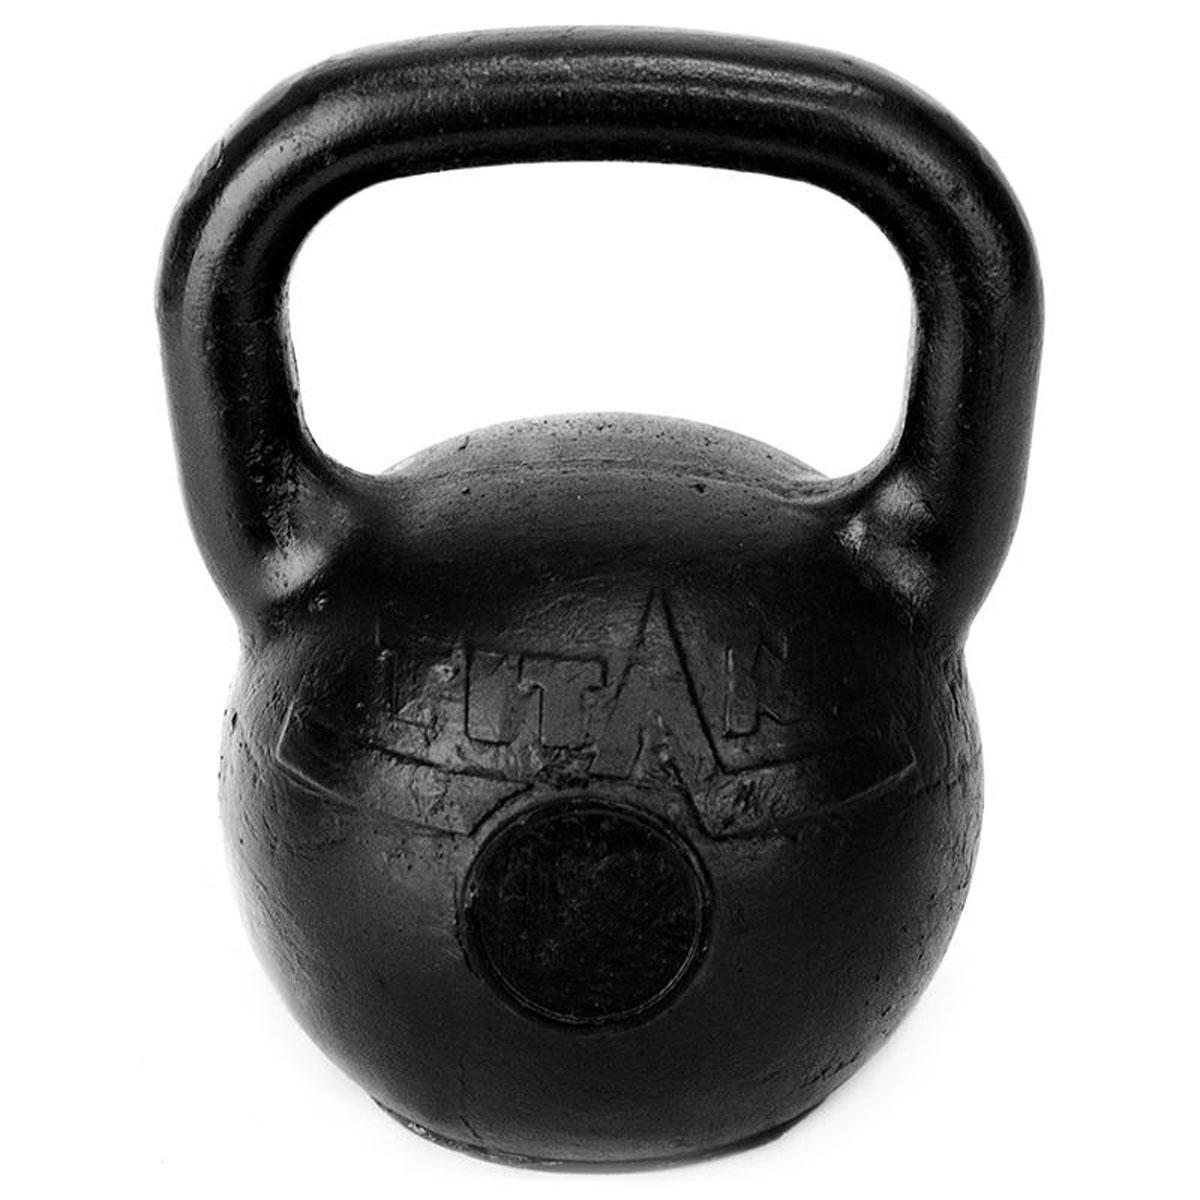 Гиря чугунная Titan, 10 кгTITAN-10Гиря Titan выполнена из высококачественного прочного чугуна. Эргономичная рукоятка не скользит в руке, обеспечивая надежный хват. Чугунная гиря прочна, долговечна, устойчива к коррозии и температурам, поэтому является одними из самых популярных спортивных снарядов. Гири - это самое простое и самое гениальное спортивное оборудование для развития мышечной массы. Правильно поставленные тренировки с ними позволяют не только нарастить мышечную массу, но и развить повышенную выносливость, укрепляют сердечнососудистую систему и костно-мышечный аппарат. Вес гири: 10 кг.